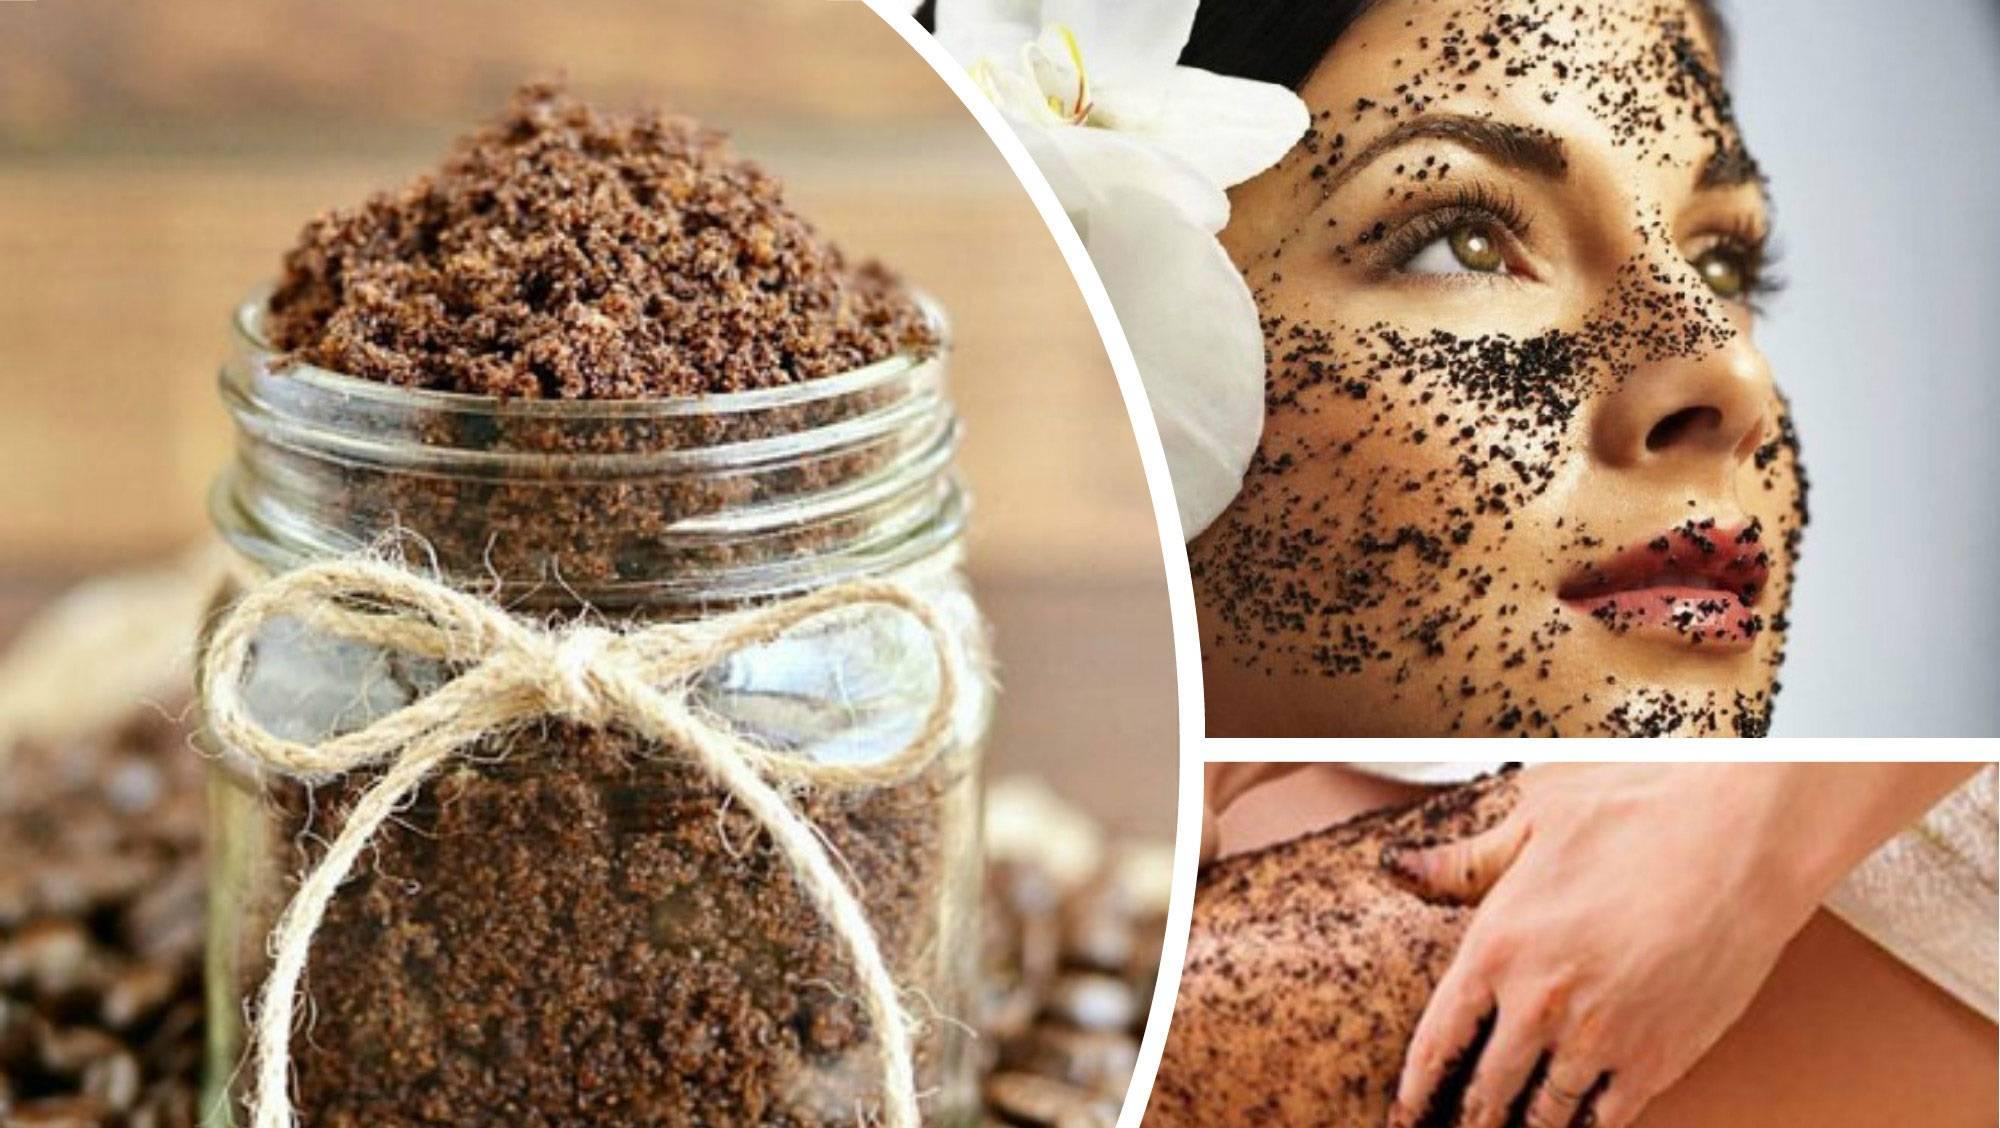 Кофейный скраб для тела в домашних условия: от целлюлита, растяжек и для омоложения.